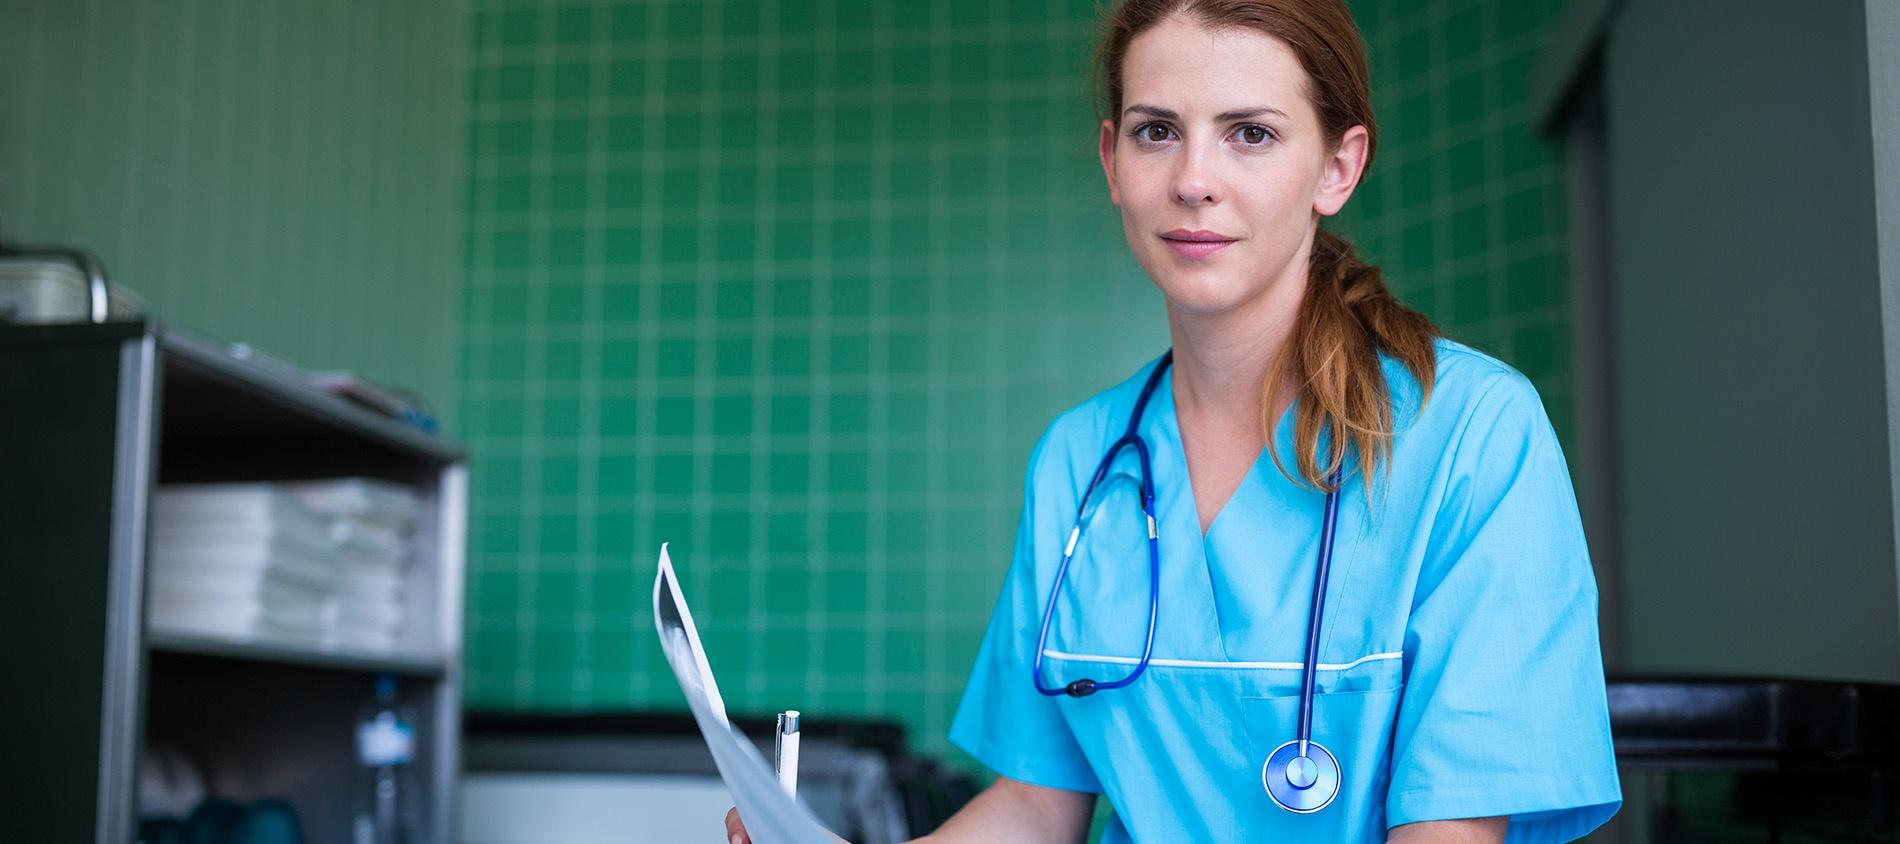 Cómo atraer más visitas a una web de contenido médico especializado